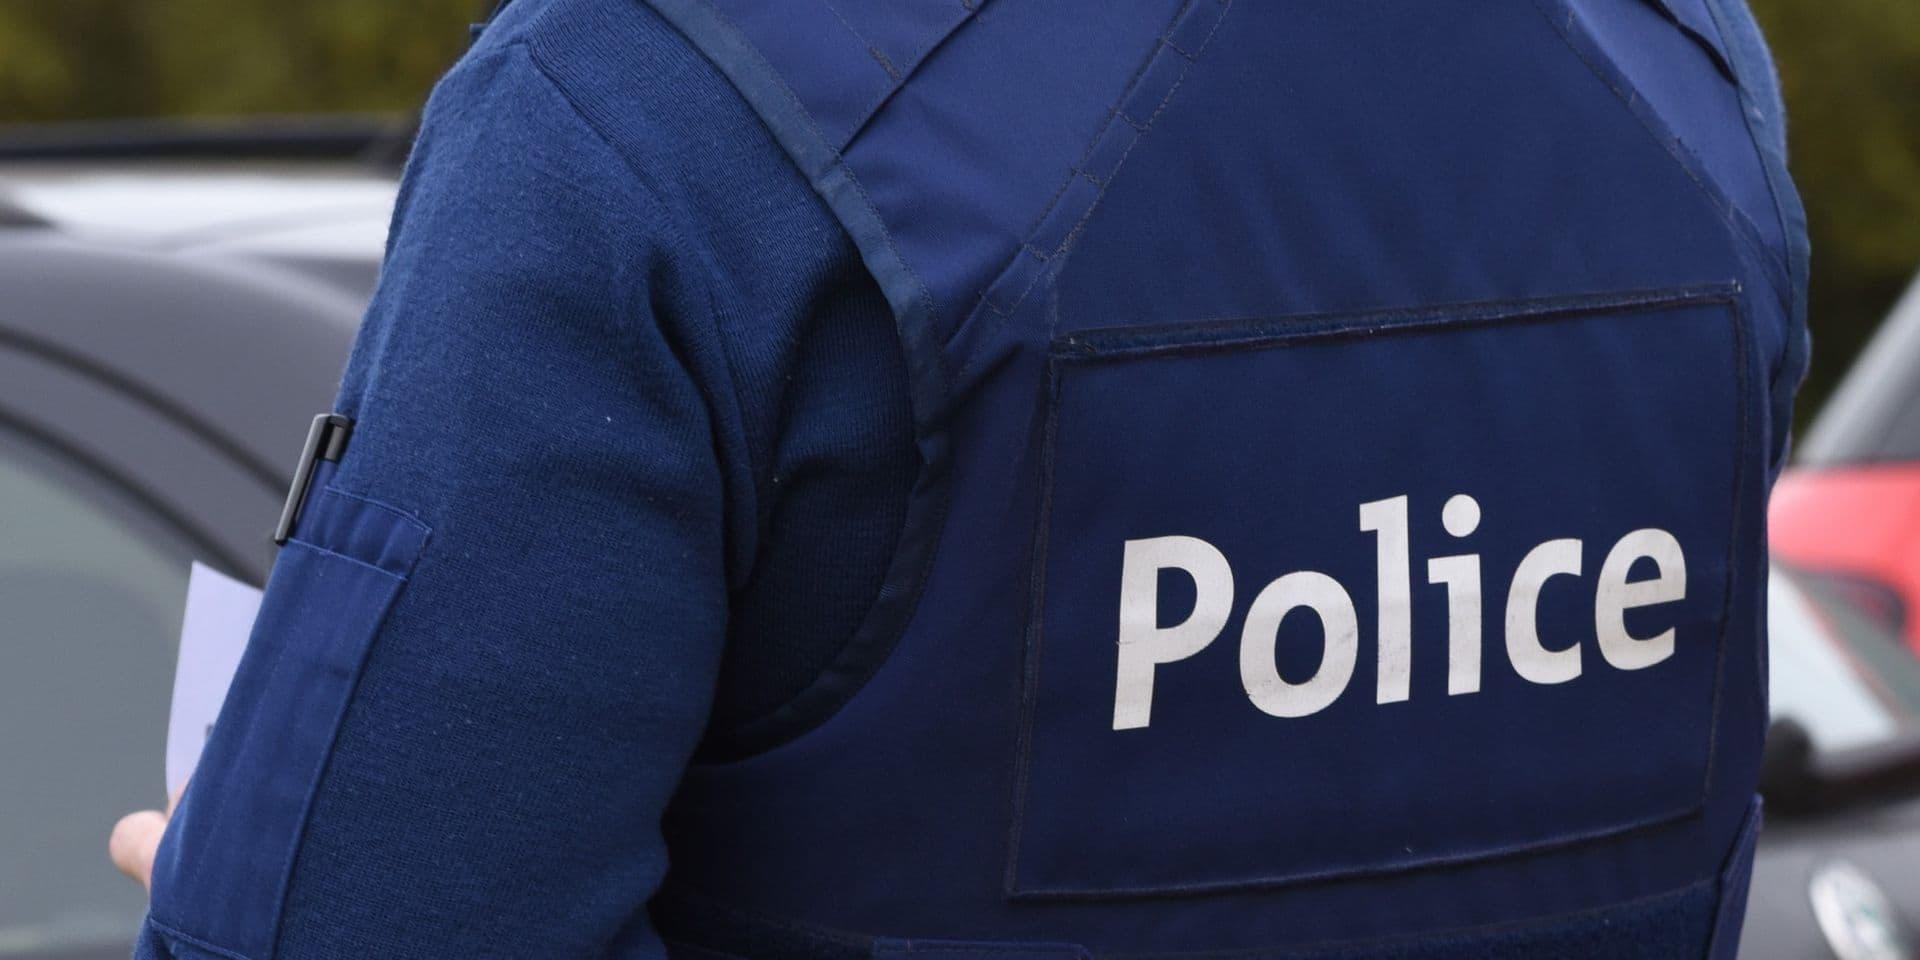 Une policière emprunte de l'argent à un toxicomane : virée !